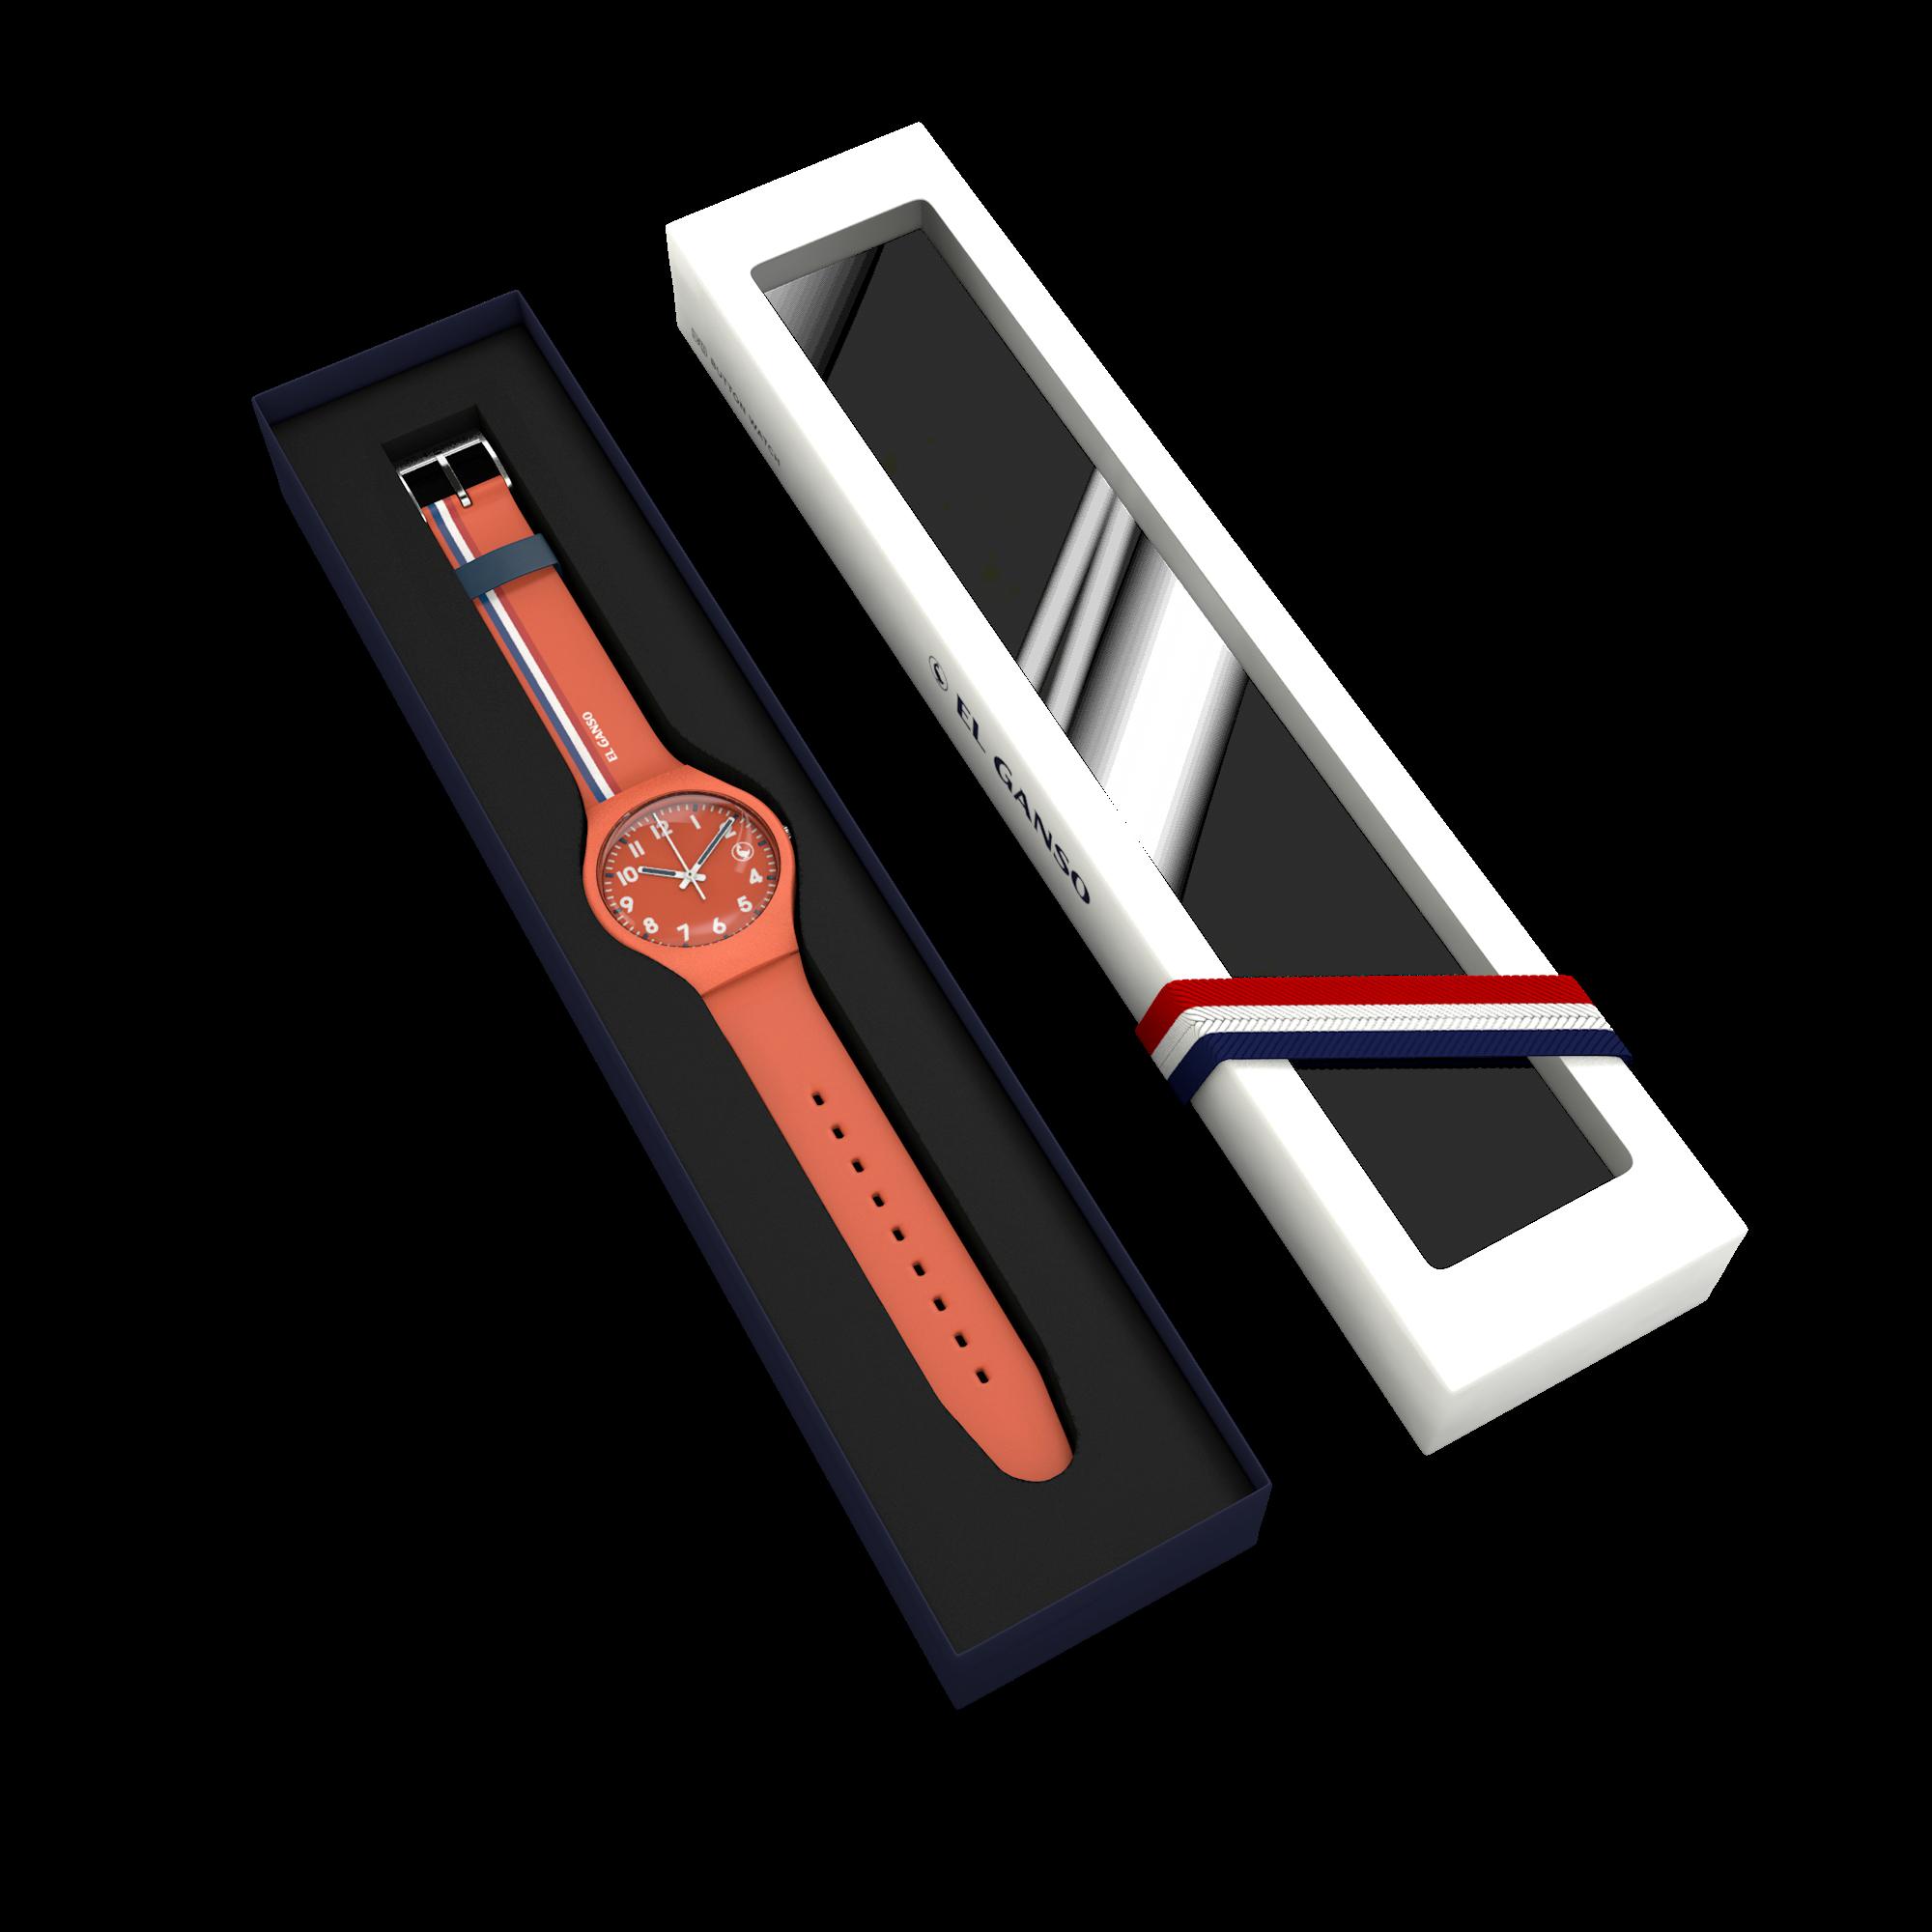 Reloj Ganso Naranja Image 4